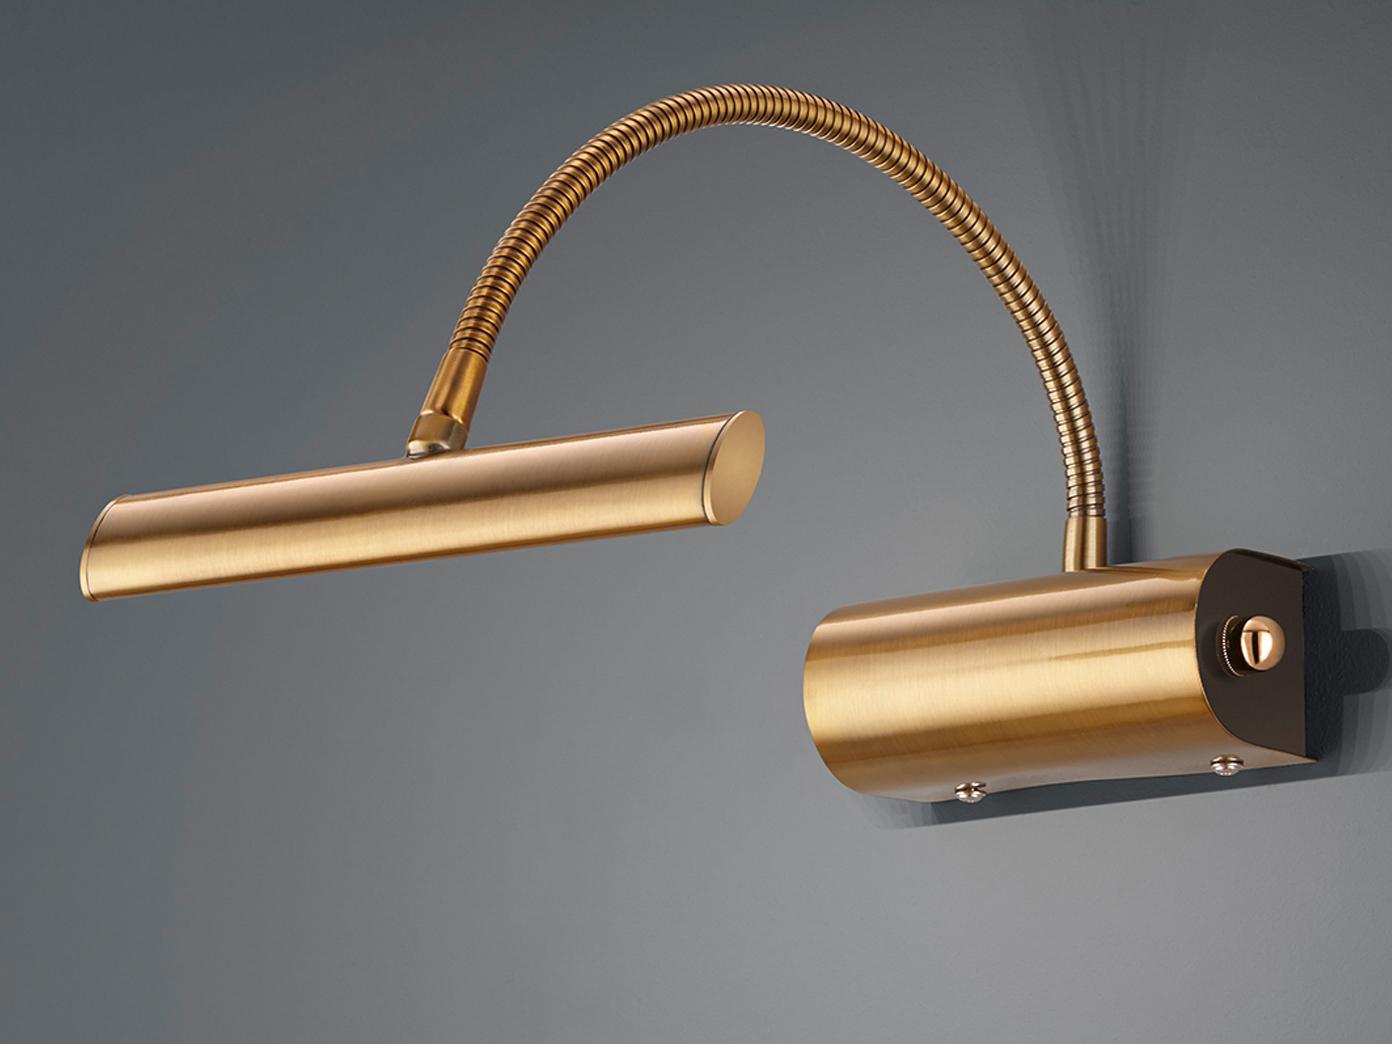 Dimmbare Designer LED Bilderleuchte mit Flexarm in Nickel matt coole Wandleuchte